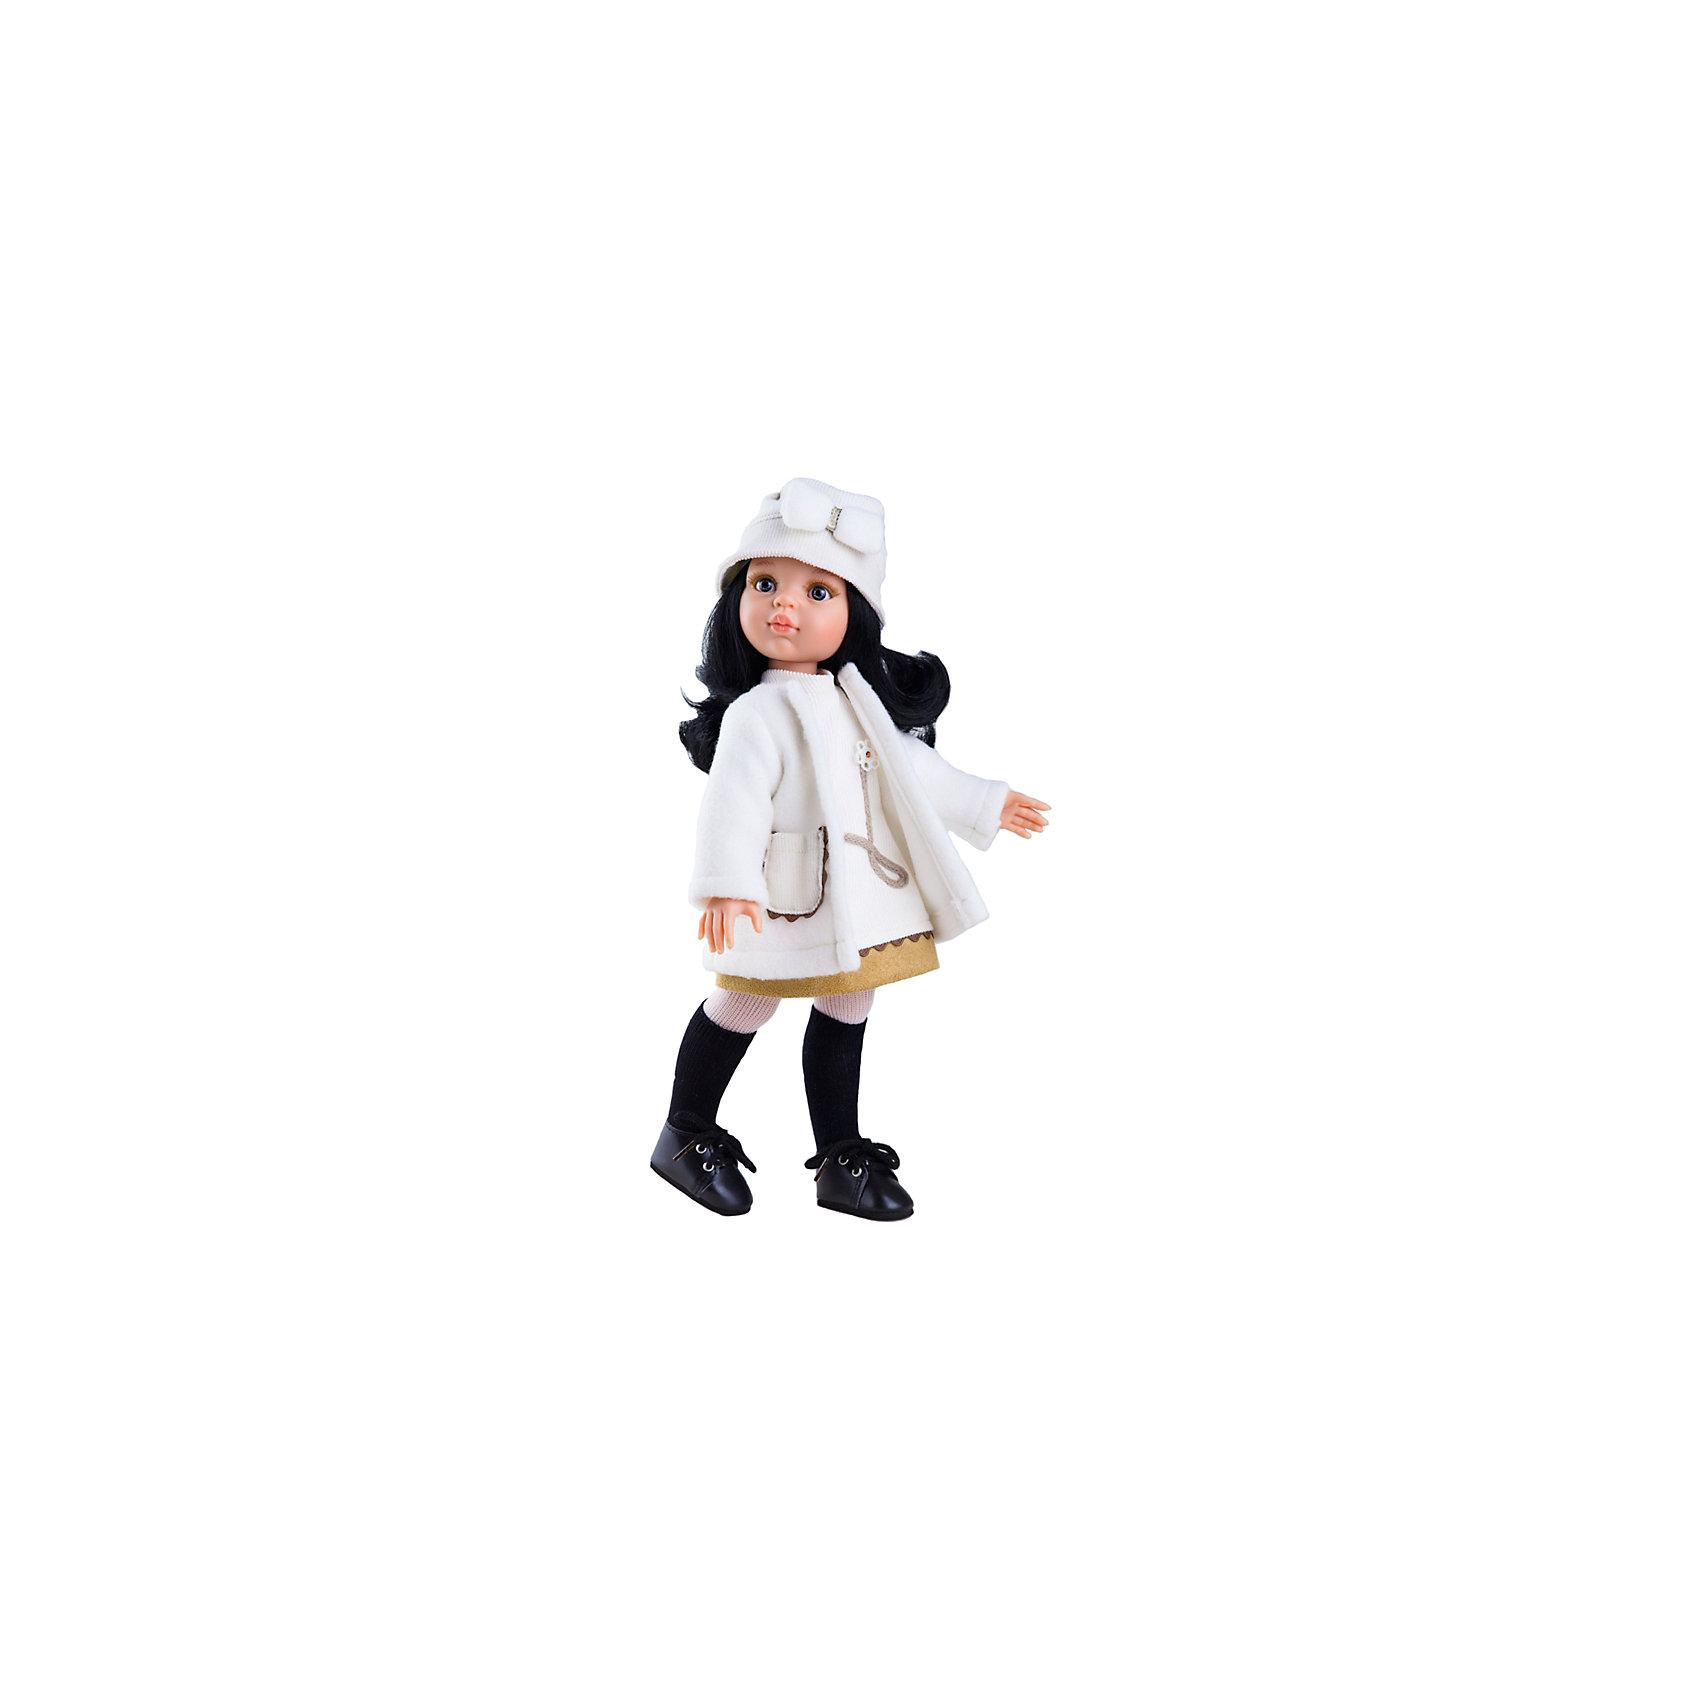 Кукла Карина, 32 см, Paola ReinaКлассические куклы<br>Кукла Карина, 32 см, Paola Reina.<br><br>Характеристики:<br><br>• Для детей в возрасте: от 3 лет<br>• Высота куклы: 32 см.<br>• Глаза не закрываются<br>• Дизайн одежды и обуви — Светланы Кривец<br>• Материалы: кукла изготовлена из винила; глаза выполнены в виде кристалла из прозрачного твердого пластика; волосы сделаны из высококачественного нейлона; наряд выполнен из качественного текстиля<br>• Упаковка: красивая картонная коробка с окошком<br><br>Кукла Карина, Paola Reina - это очаровательная брюнетка, которая станет любимой подружкой для вашей девочки. У куклы длинные густые вьющиеся волосы, выполненные из нейлона высокого качества и надёжно прошитые. Волосы блестят, не запутываются. Ваша девочка с легкостью может расчесывать куклу, мыть ей голову, при этом волосы не портятся и не выпадают. <br><br>Лицо куклы выглядит очень правдоподобно за счет тщательно проработанных черт. Большие серо-голубые глаза с длинными ресничками, легкий румянец на щечках, курносый носик и аккуратные губки – Карина завораживает. Глаза куклы не закрываются. <br><br>Карина одета очень красиво и стильно: на ней белое платье и такого же цвета теплое пальто, а дополняет образ модницы шапочка с декоративным бантиком. На ножках у куклы плотные колготки с черными гетрами и темные ботиночки на шнуровке. Одежду можно снимать. <br><br>Кукла имеет пропорциональное телосложение. Голова, руки и ноги подвижны. Тело куклы выполнено из приятного на ощупь нежного бархатистого высококачественного винила, который имеет лёгкий аромат ванили. <br><br>Материалы, из которых изготовлена кукла, прошли все необходимые проверки на безопасность для детей. Качество подтверждено нормами безопасности EN71 ЕЭС.<br><br>Куклу Карина, 32 см, Paola Reina можно купить в нашем интернет-магазине.<br><br>Ширина мм: 375<br>Глубина мм: 175<br>Высота мм: 105<br>Вес г: 625<br>Возраст от месяцев: 36<br>Возраст до месяцев: 144<br>Пол: Женский<br>Возраст: Детский<br>SKU: 6671049